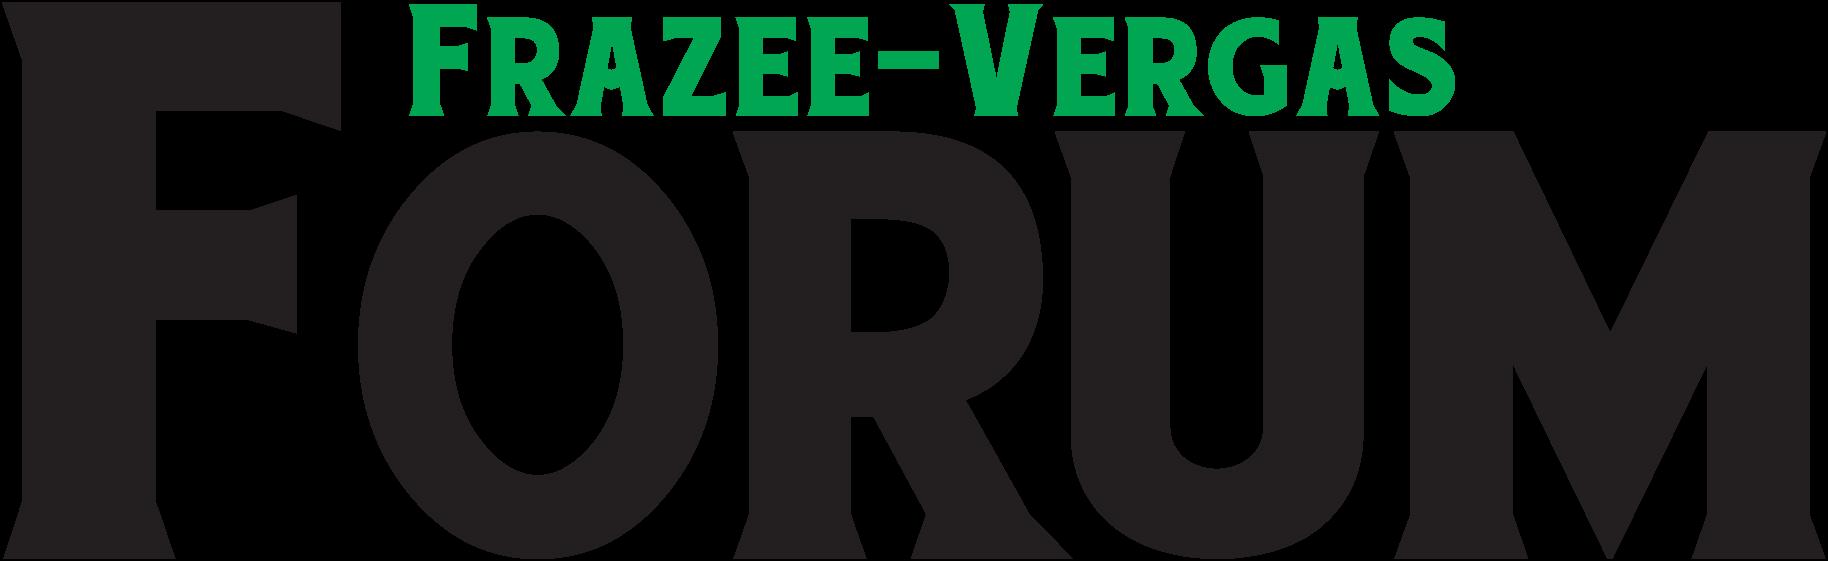 Frazee-Vergas Forum